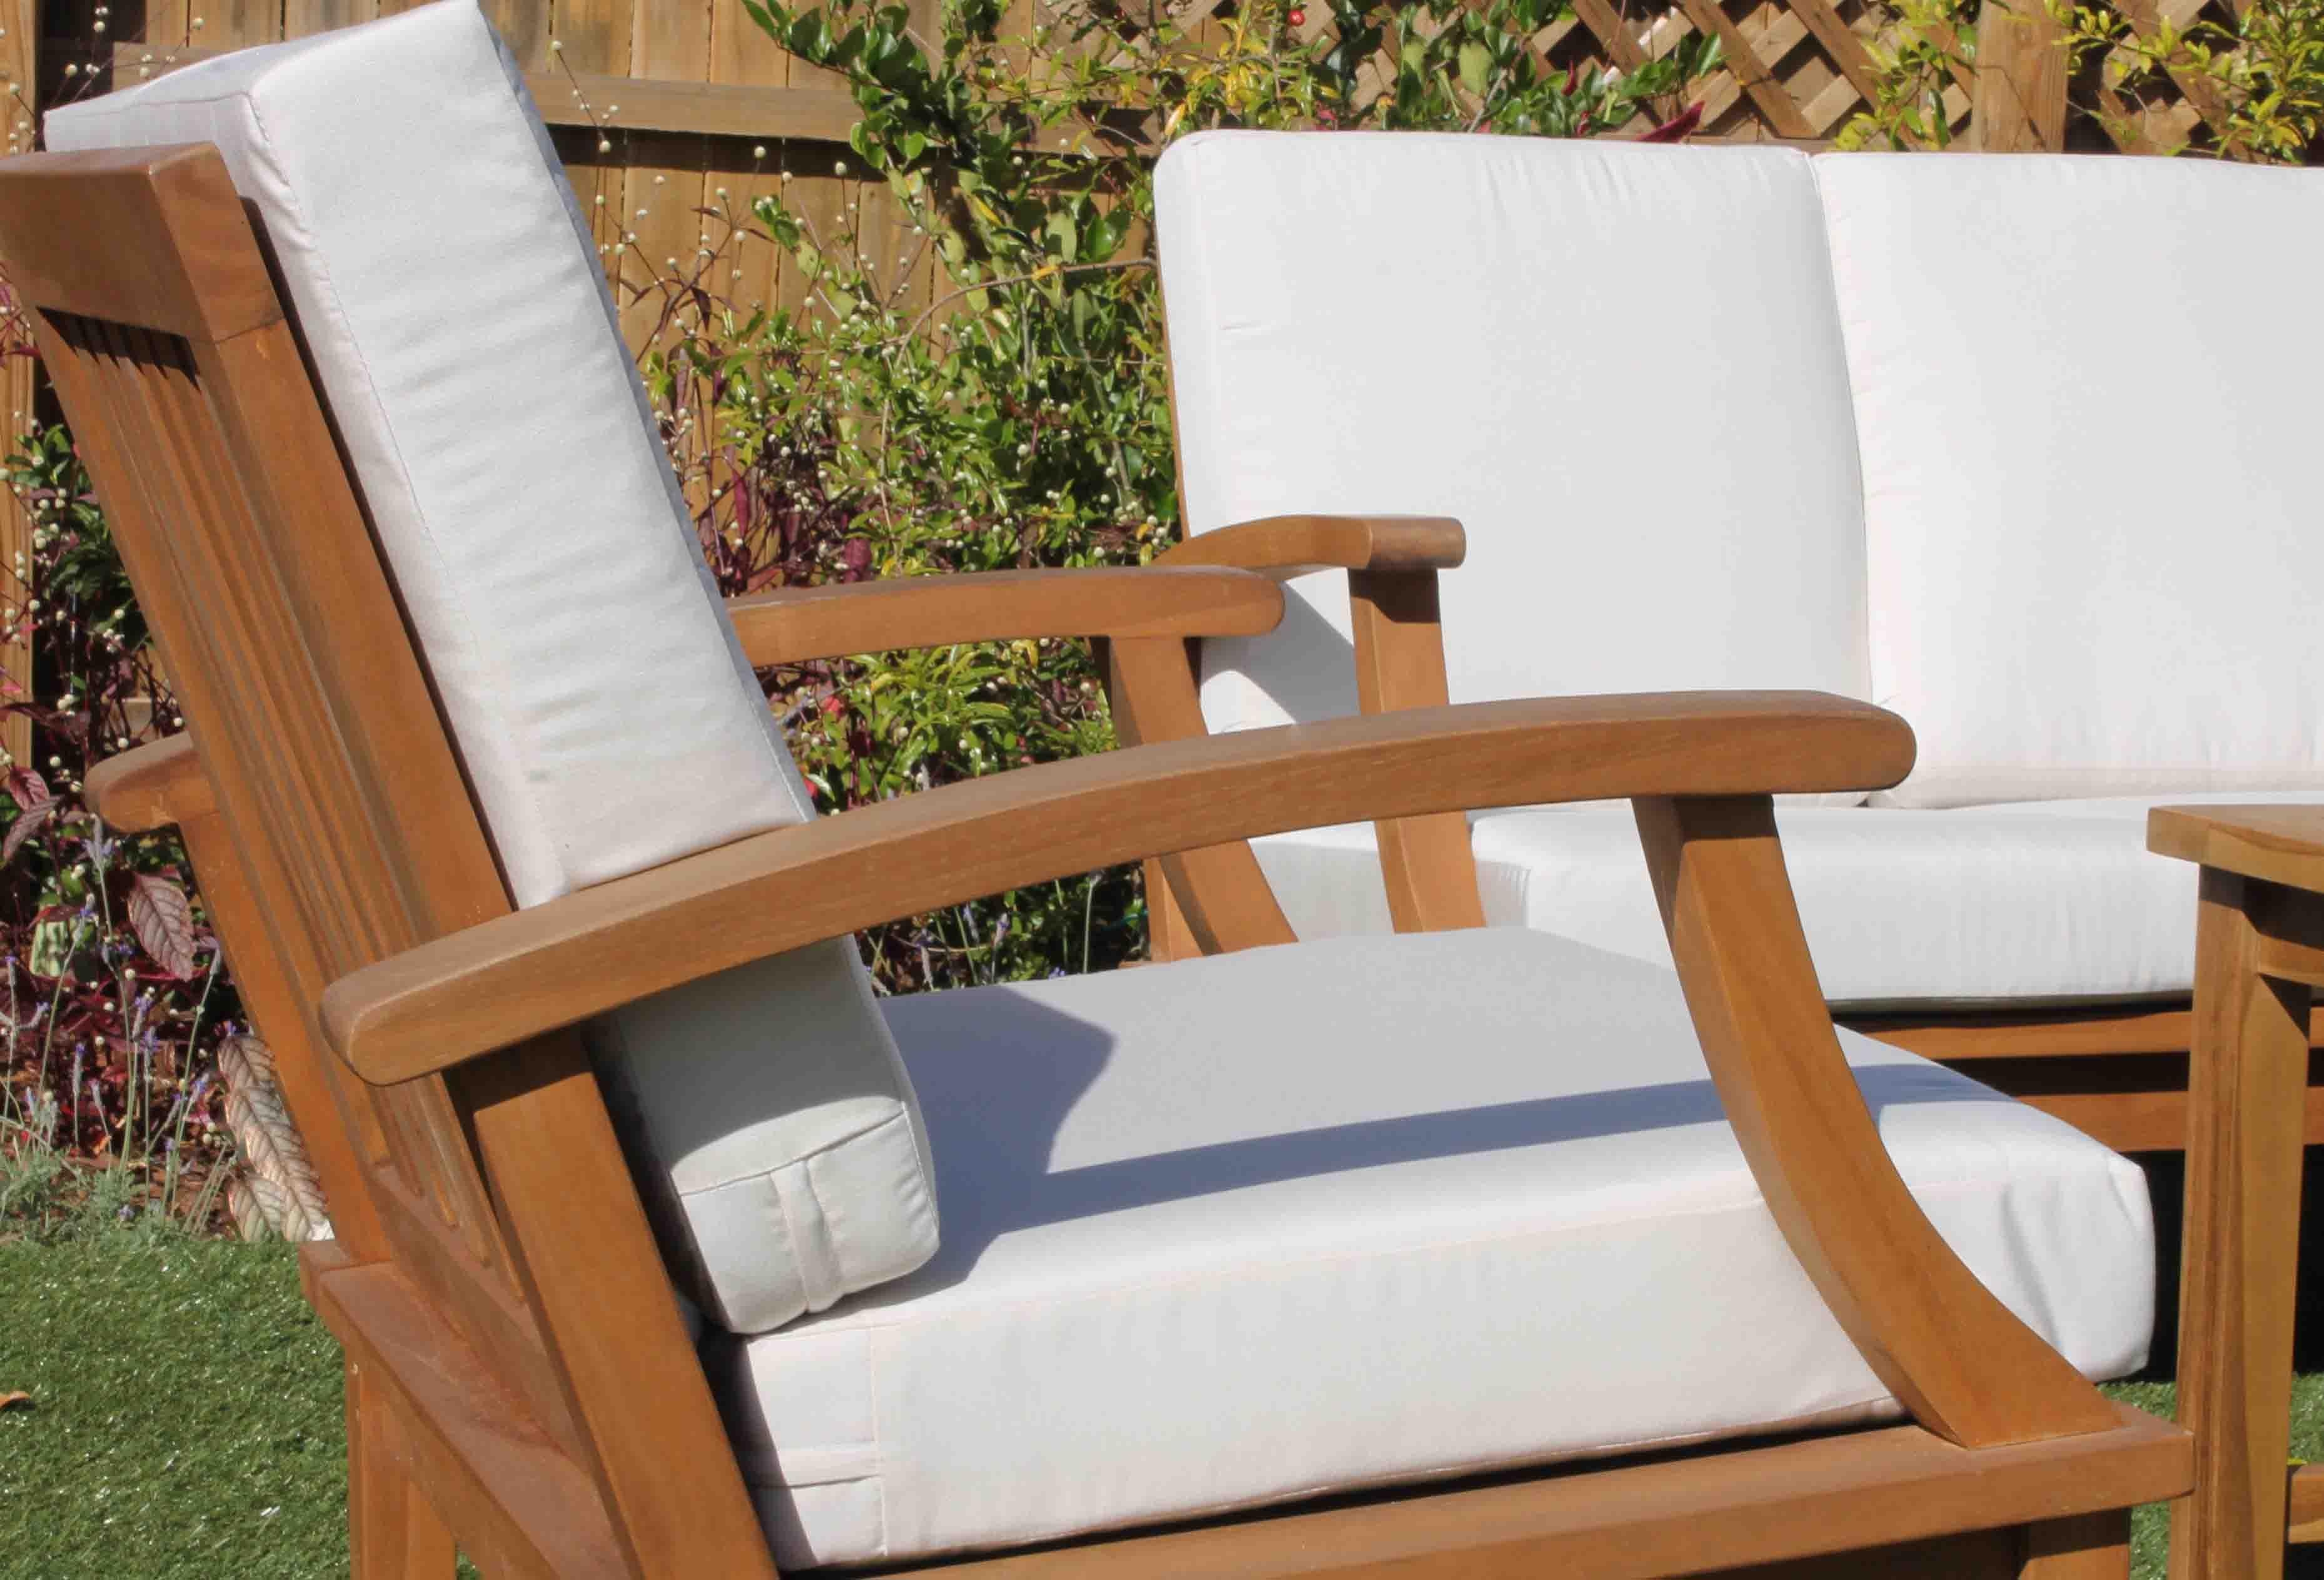 Deep Seat Sunbrella Cushion.